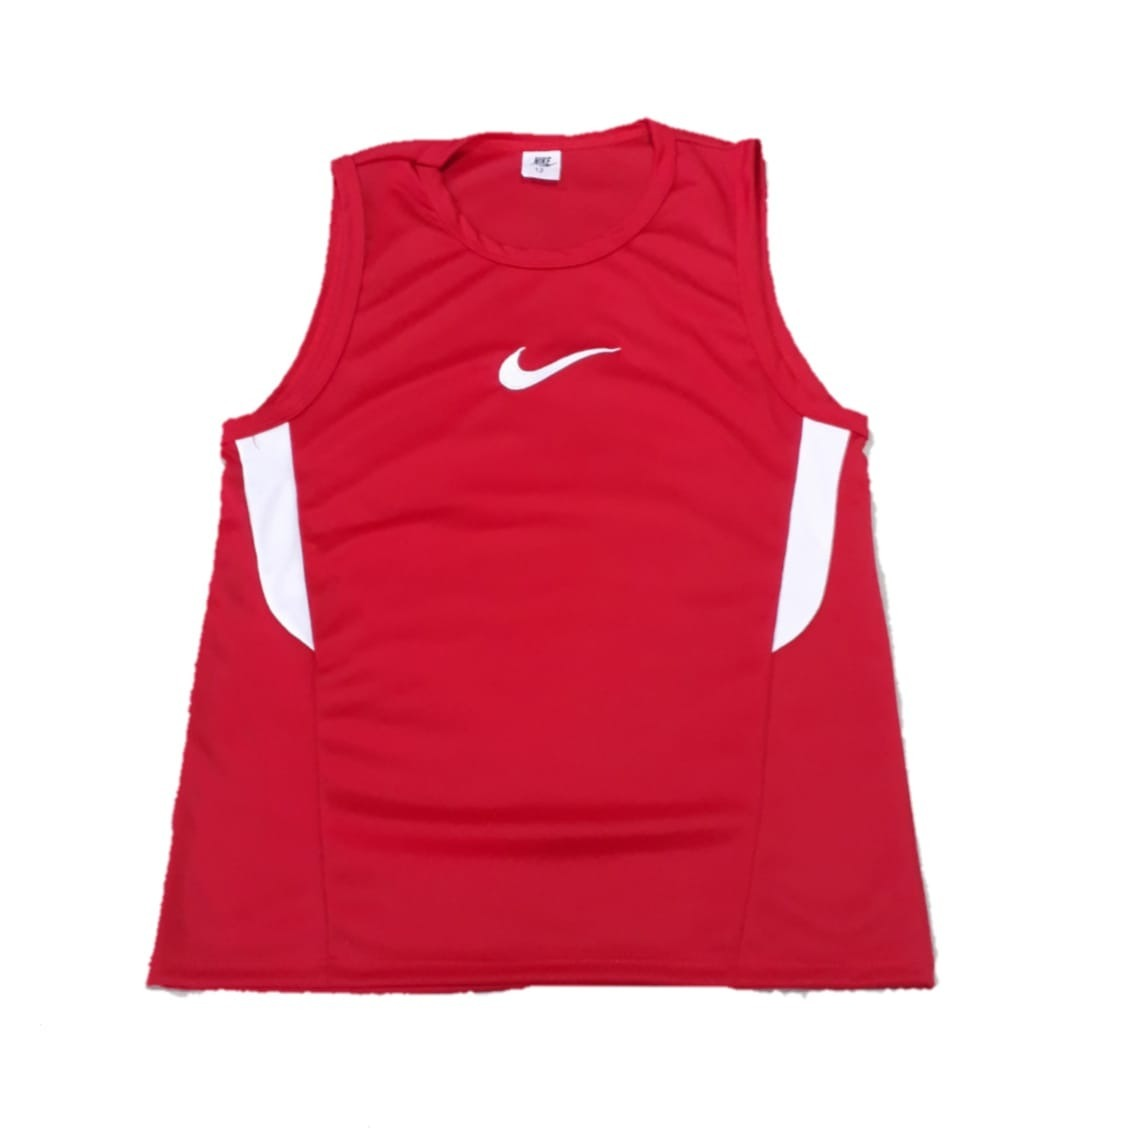 kit 5 regatas infantil camisa camiseta criança bebe futebol. Carregando zoom . fcf7b456e77